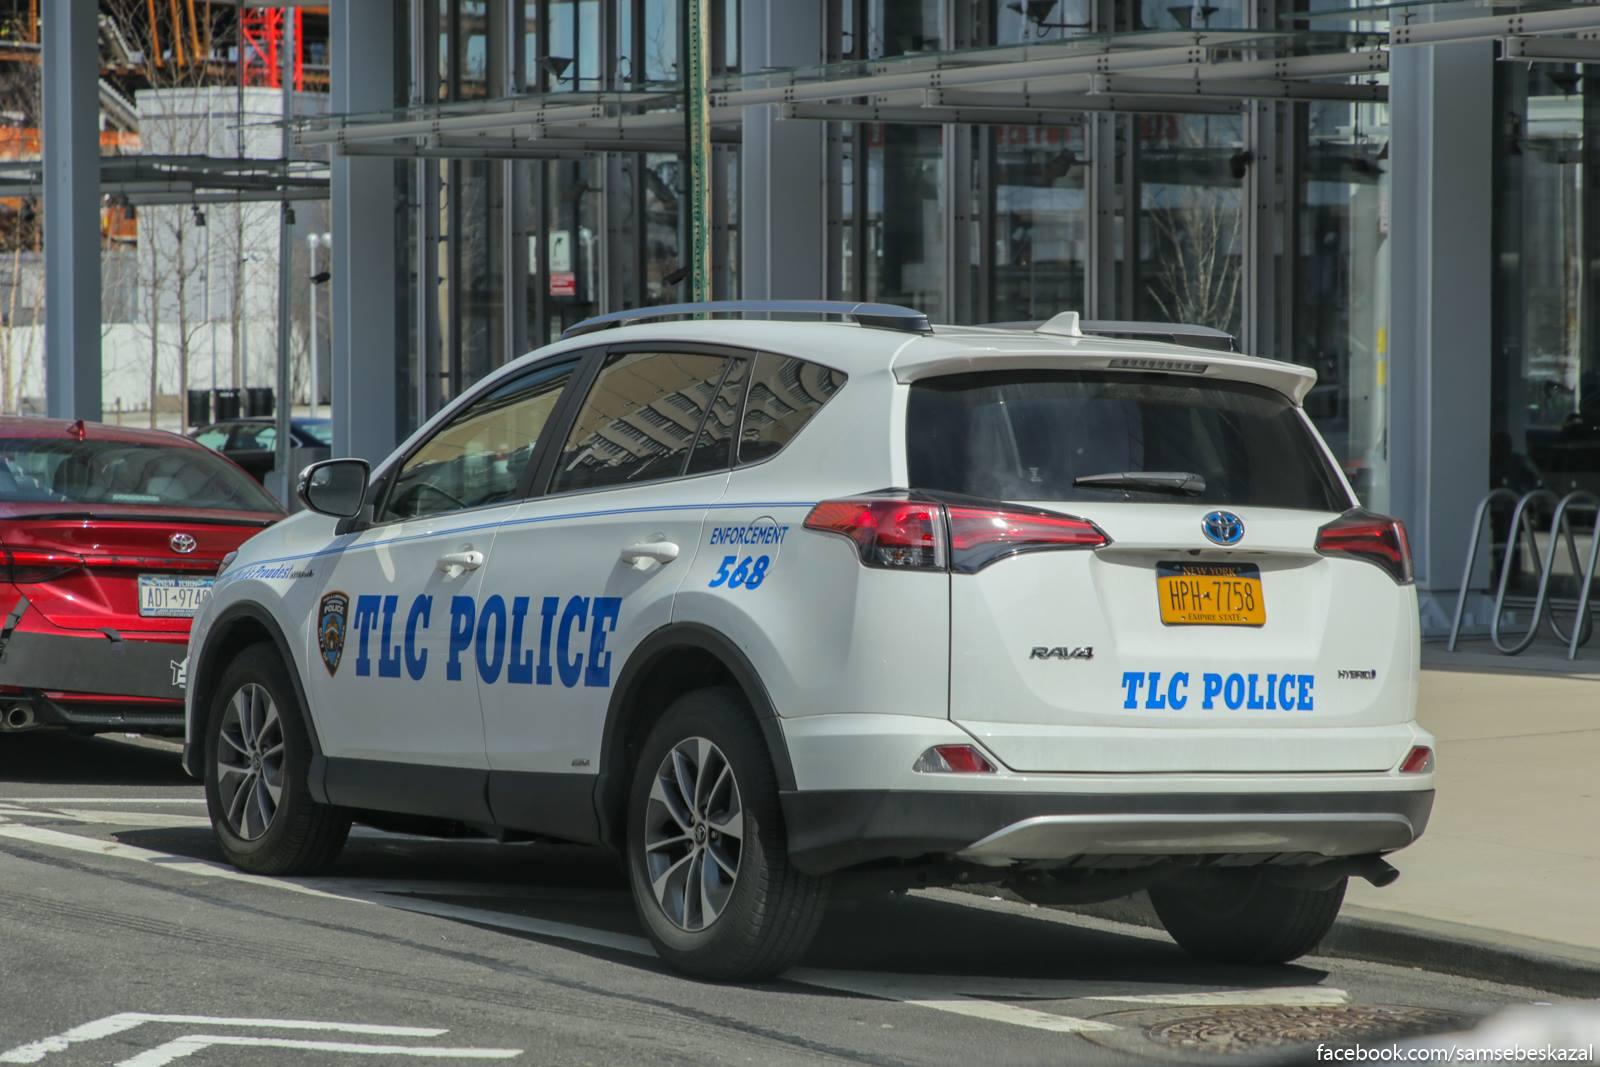 Specialʹnaa policia po delam taksistov. Lovit i strafuet ih za narusenie zakona. Naprimer, esli masina karservisa podberet golosuusego na doroge.